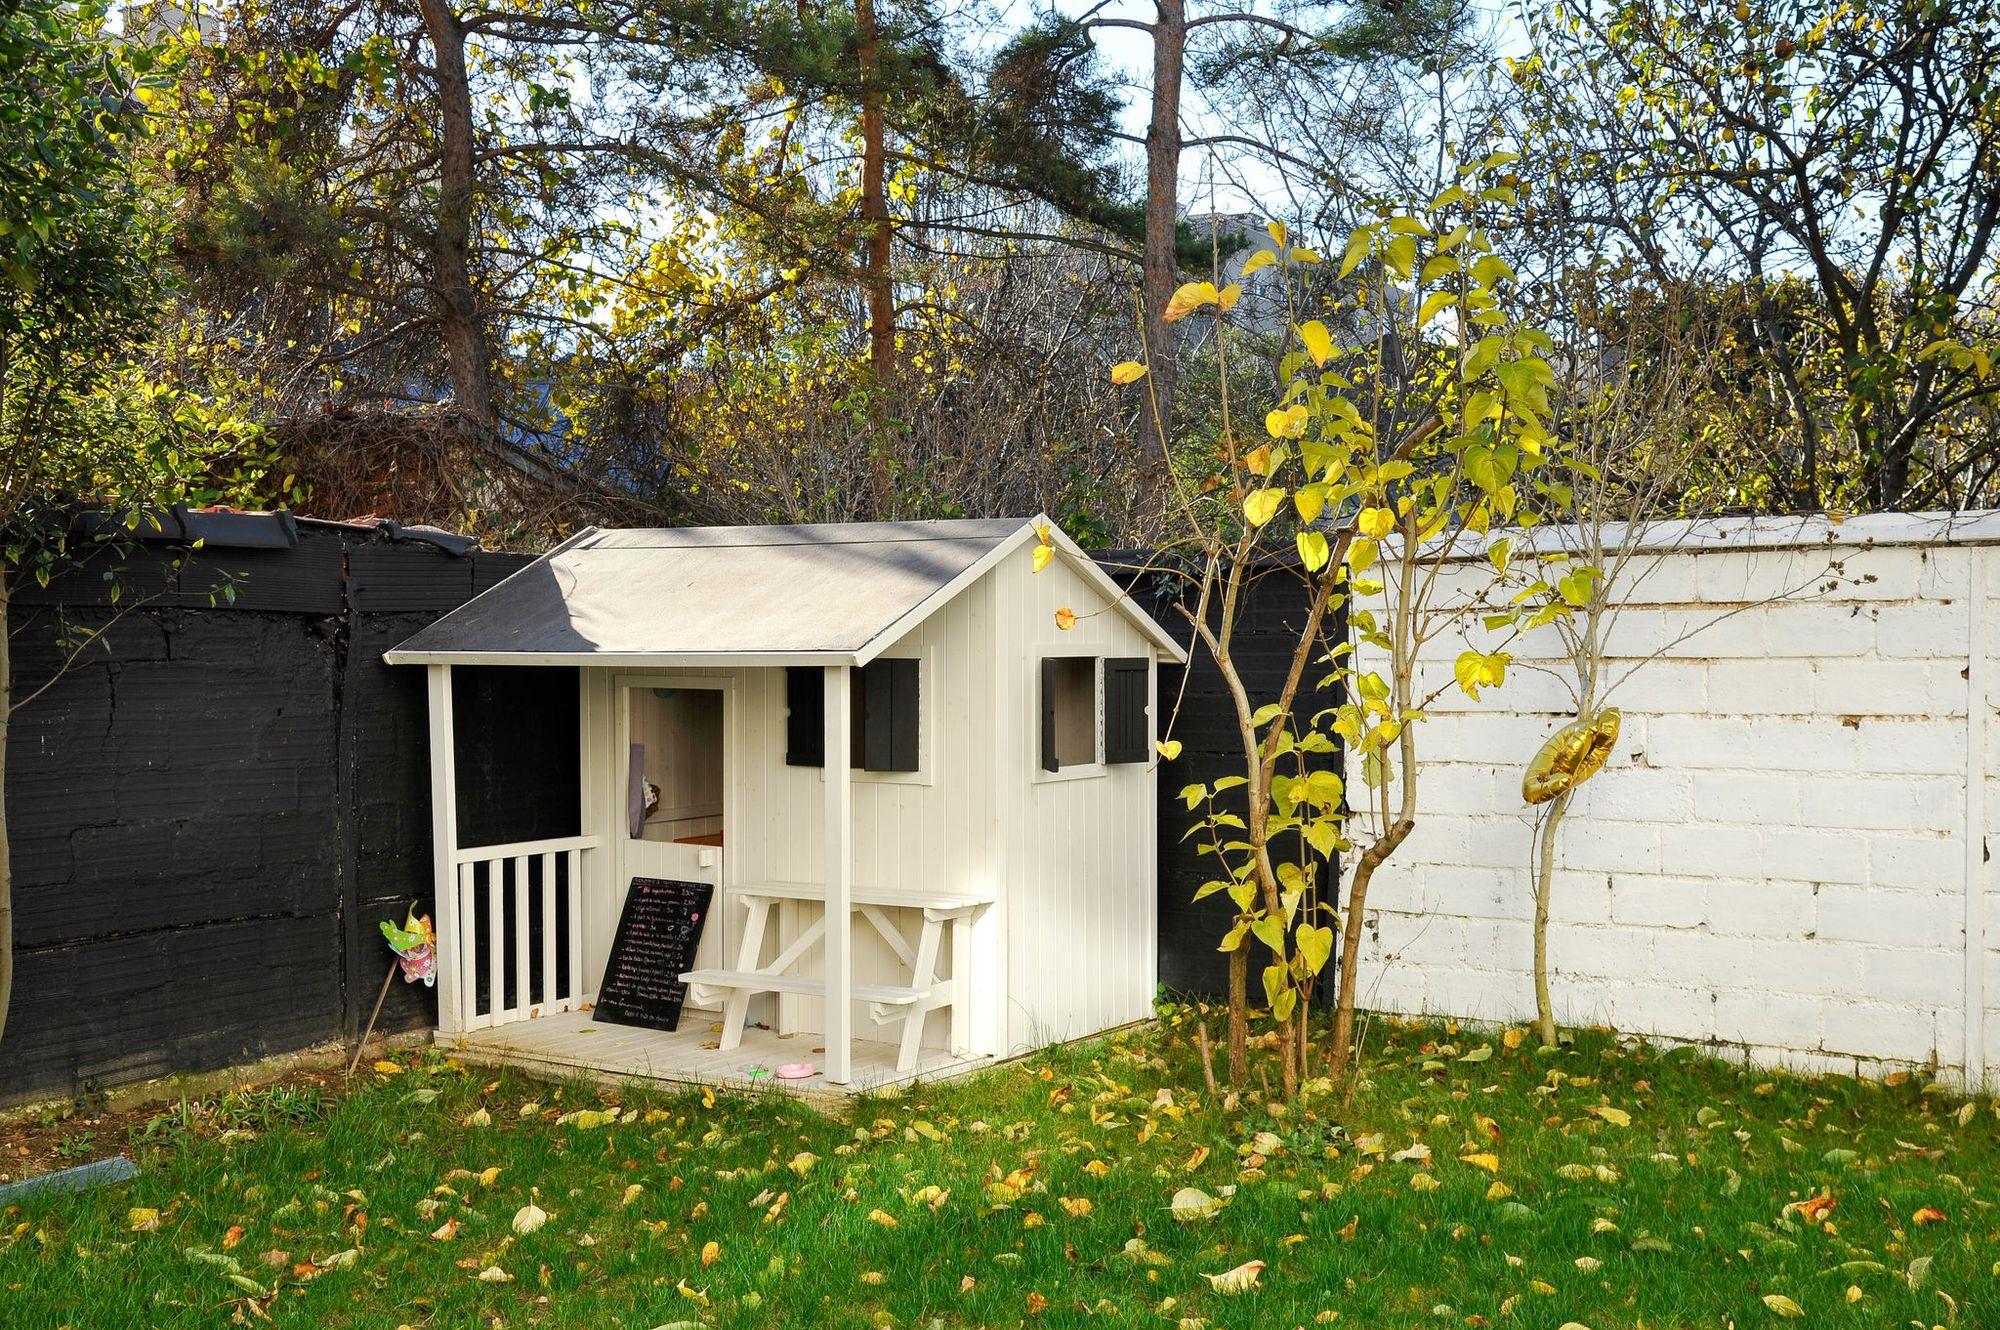 avant apr s la r novation d 39 une petite maison pour une grande famille page 3 sur 5. Black Bedroom Furniture Sets. Home Design Ideas